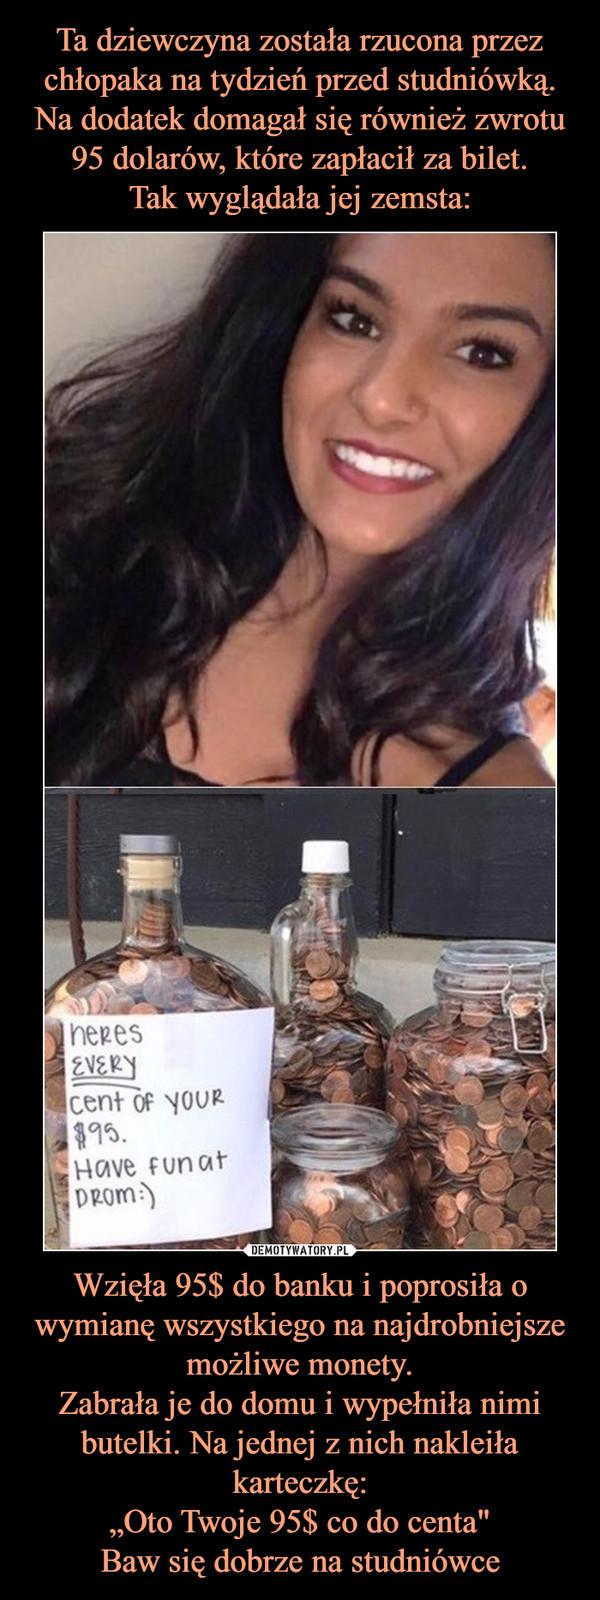 """Wzięła 95$ do banku i poprosiła o wymianę wszystkiego na najdrobniejsze możliwe monety.Zabrała je do domu i wypełniła nimi butelki. Na jednej z nich nakleiła karteczkę:""""Oto Twoje 95$ co do centa""""Baw się dobrze na studniówce –"""